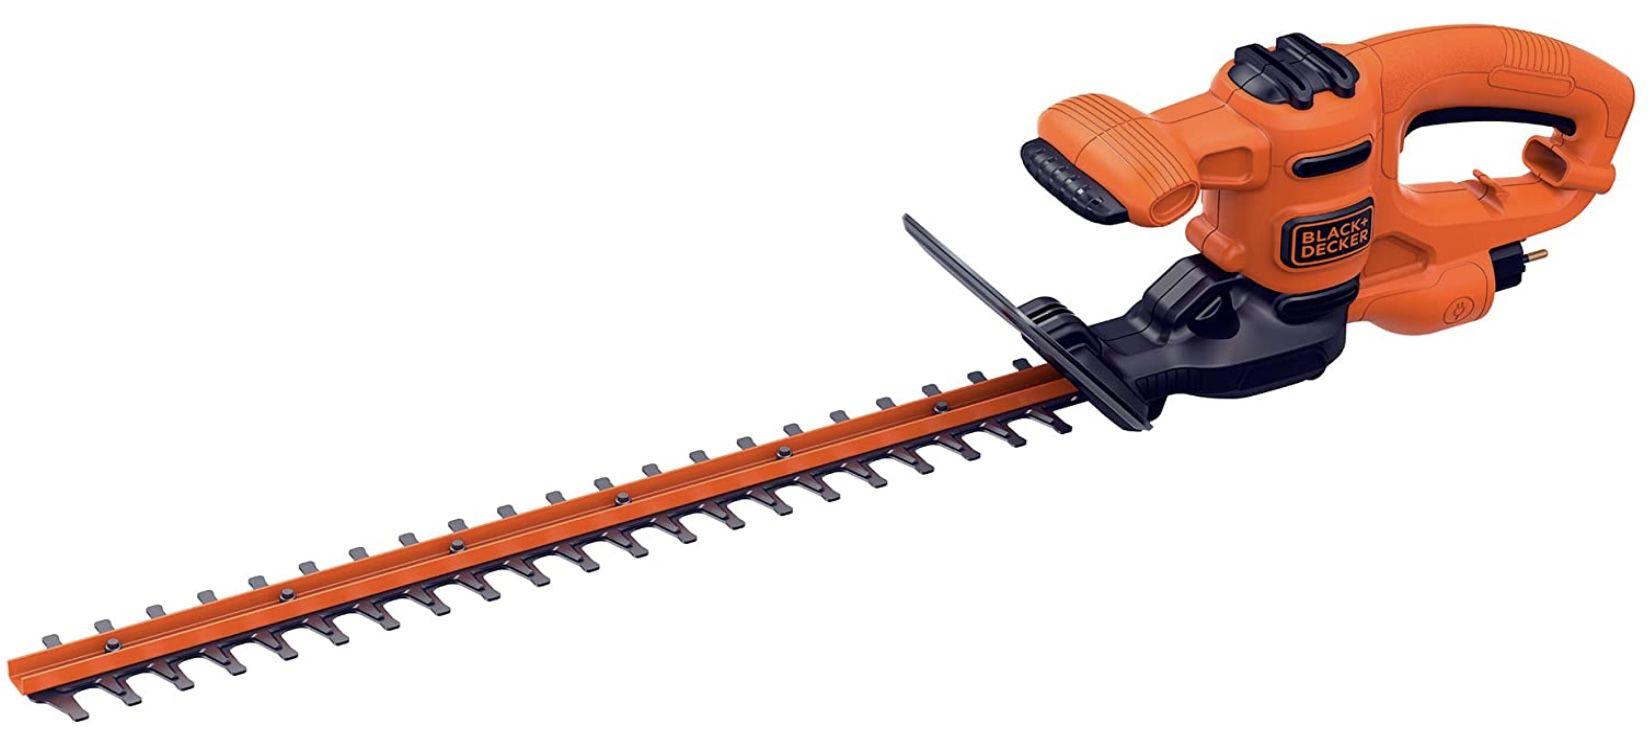 Black & Decker BEHT251 QS Elektro Heckenschere mit 50 cm Schwertlänge & 18 mm Schnittstärke für 51,89€ (statt 60€)